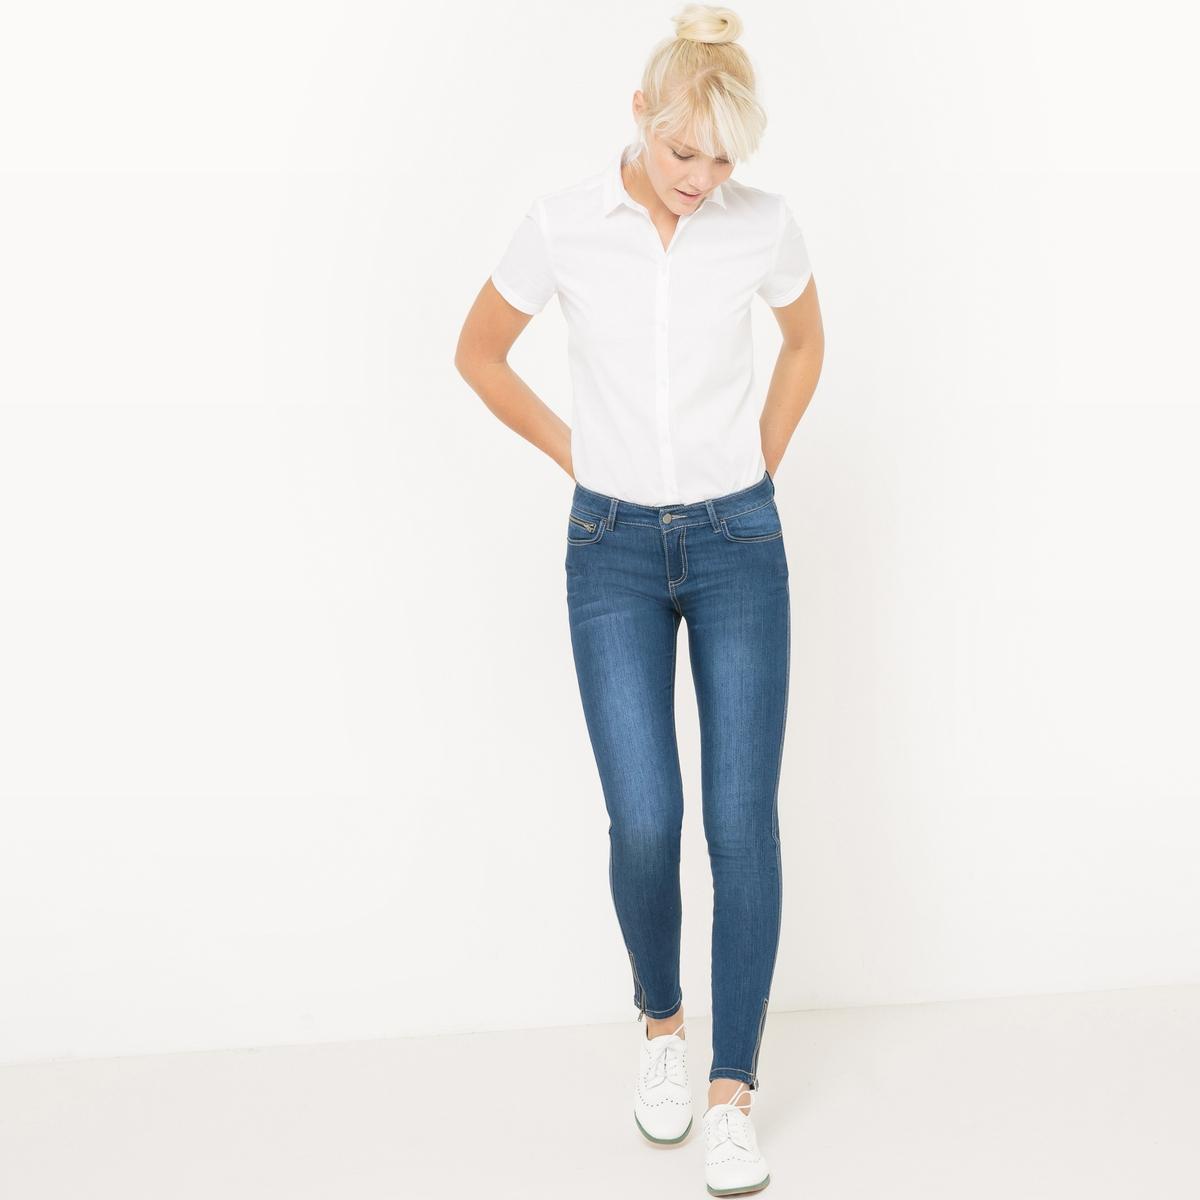 Рубашка из поплина с короткими рукавамиРубашка из поплина . Короткие рукава. Небольшой рубашечный воротник. Застежка на пуговицы. Слегка приталенный покрой. Слегка закругленный низ.  Состав и описаниеМатериалы : 69% хлопка, 28% полиамида,  3% эластанаДлина : 65 смМарка :      R ?ditionУходМашинная стирка при 30 °C Стирать с вещами схожих цветов Гладить при низкой температуре.<br><br>Цвет: белый,небесно-голубой,черный<br>Размер: 50 (FR) - 56 (RUS)